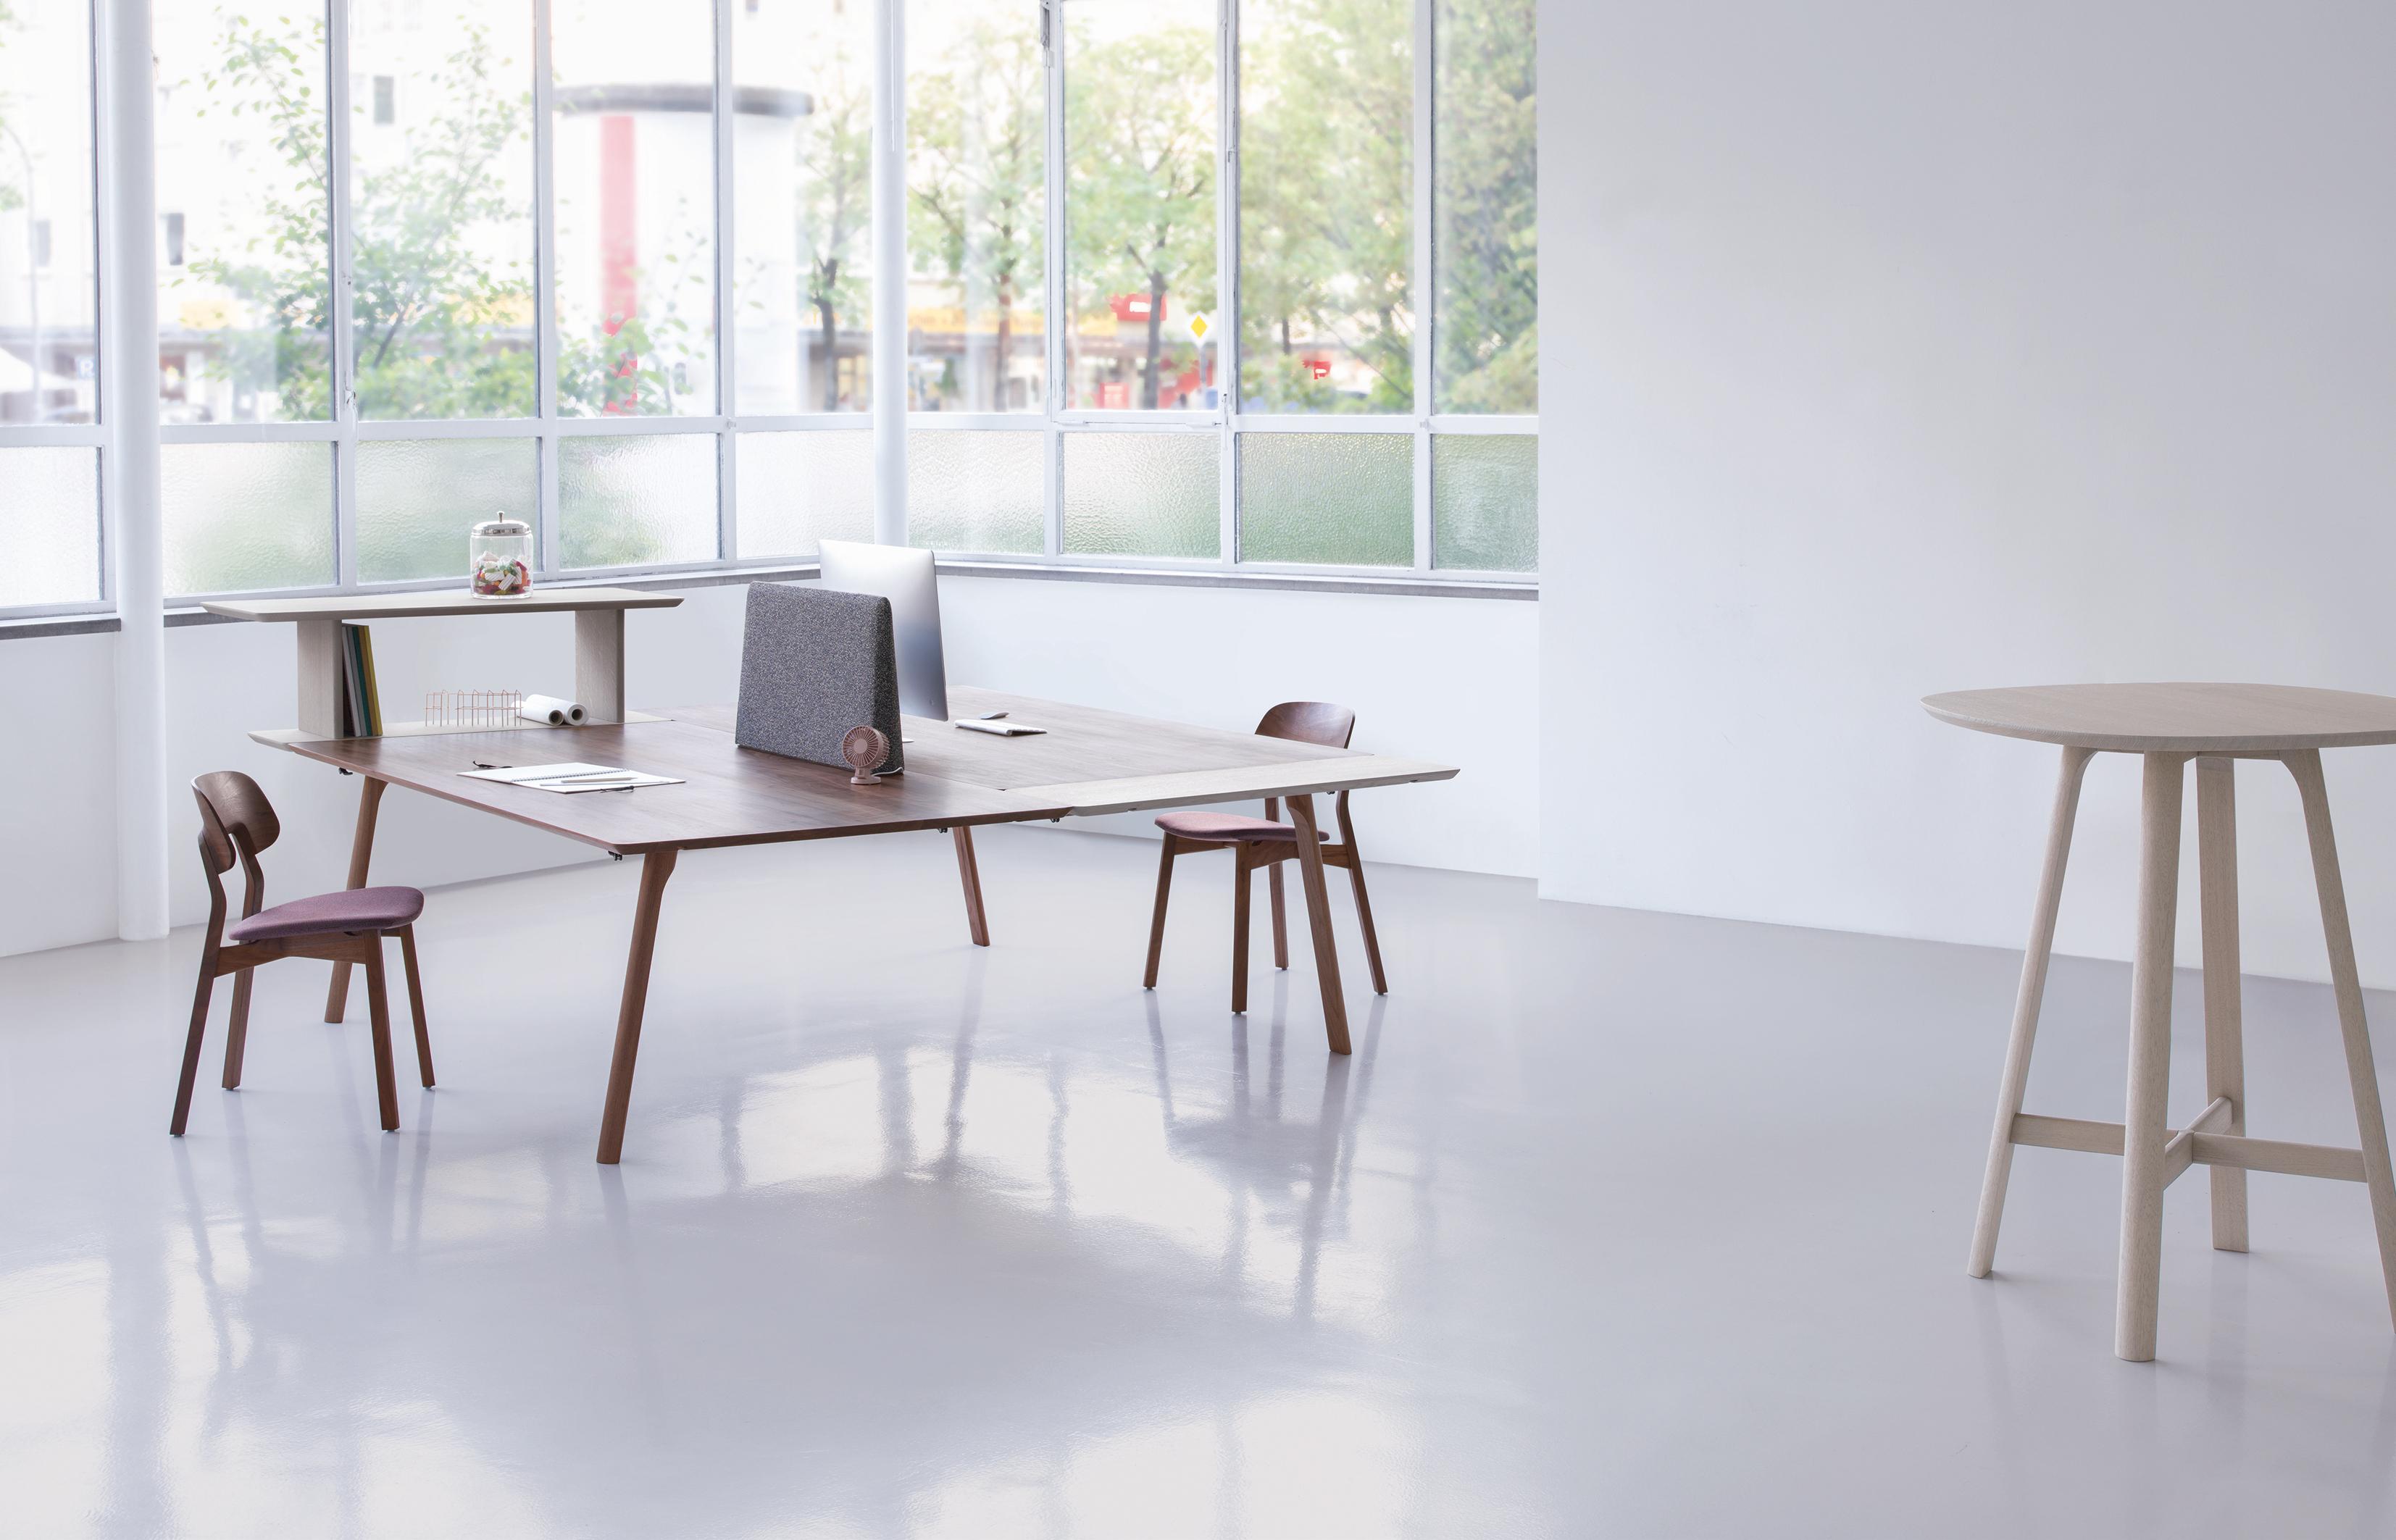 Das Etwas Andere Büro: U201eRailu201c Verbindet Das Angenehme Mit Dem Nützlichen  Und Macht Sich In Der Wohnung Genauso Gut Wie Im Atelier Oder Büro.